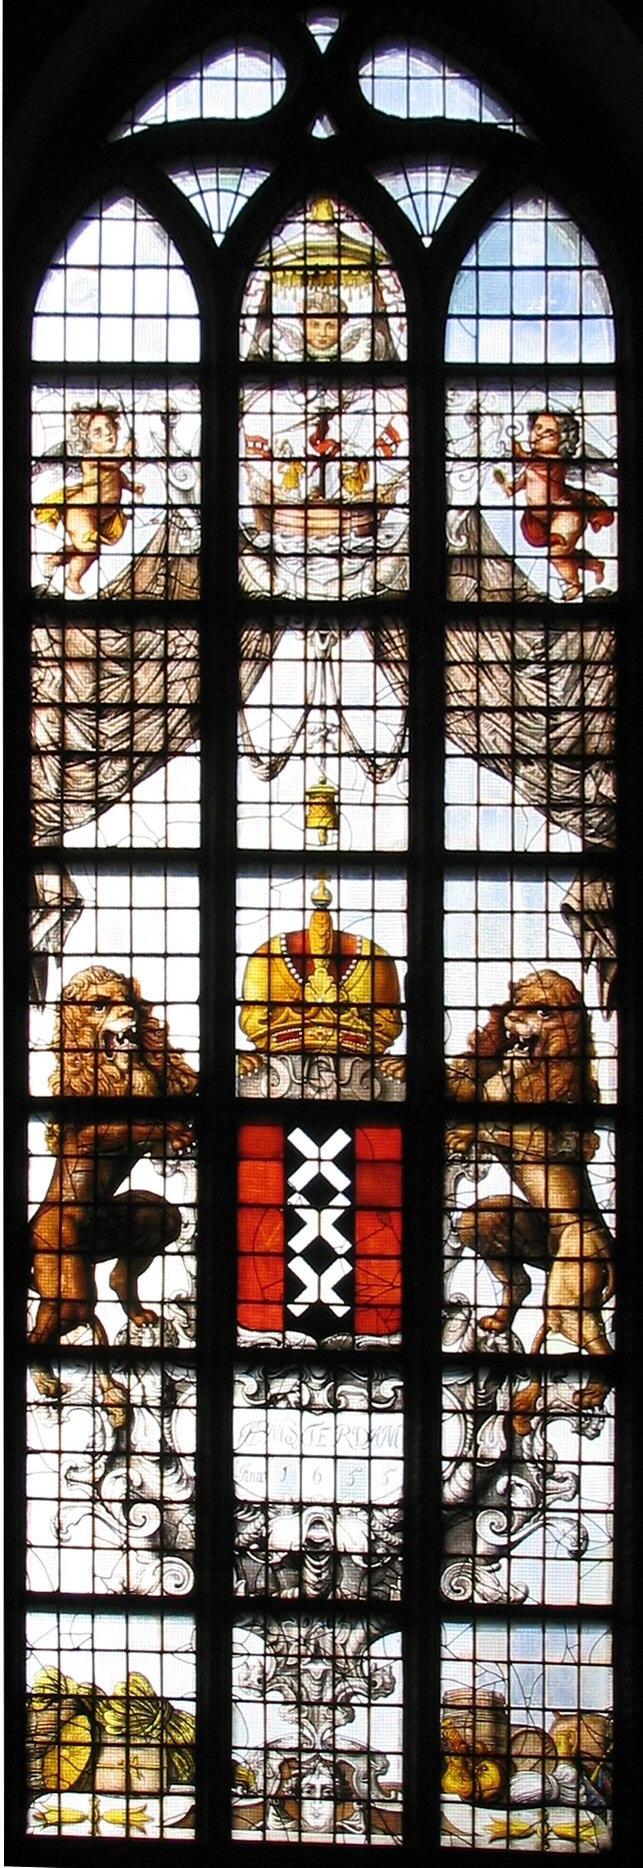 Amsterdams wapen in lood glas.